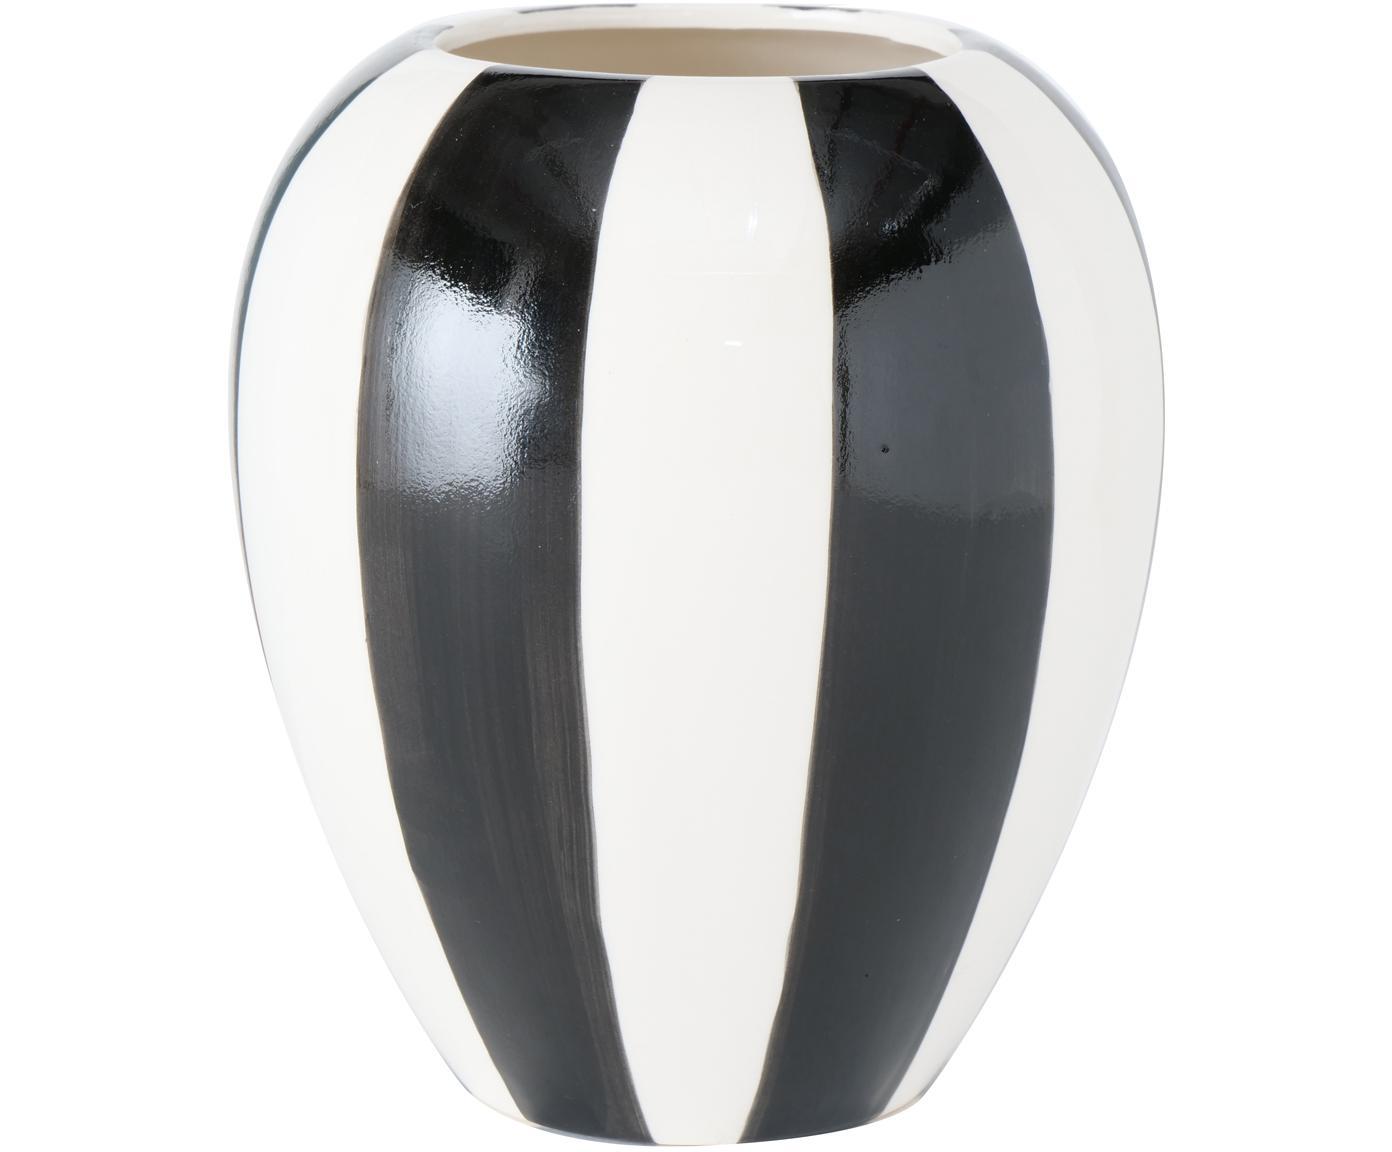 Handbemalte Steingut-Vase Emser, Steingut, Schwarz, Weiss, Ø 14 x H 16 cm